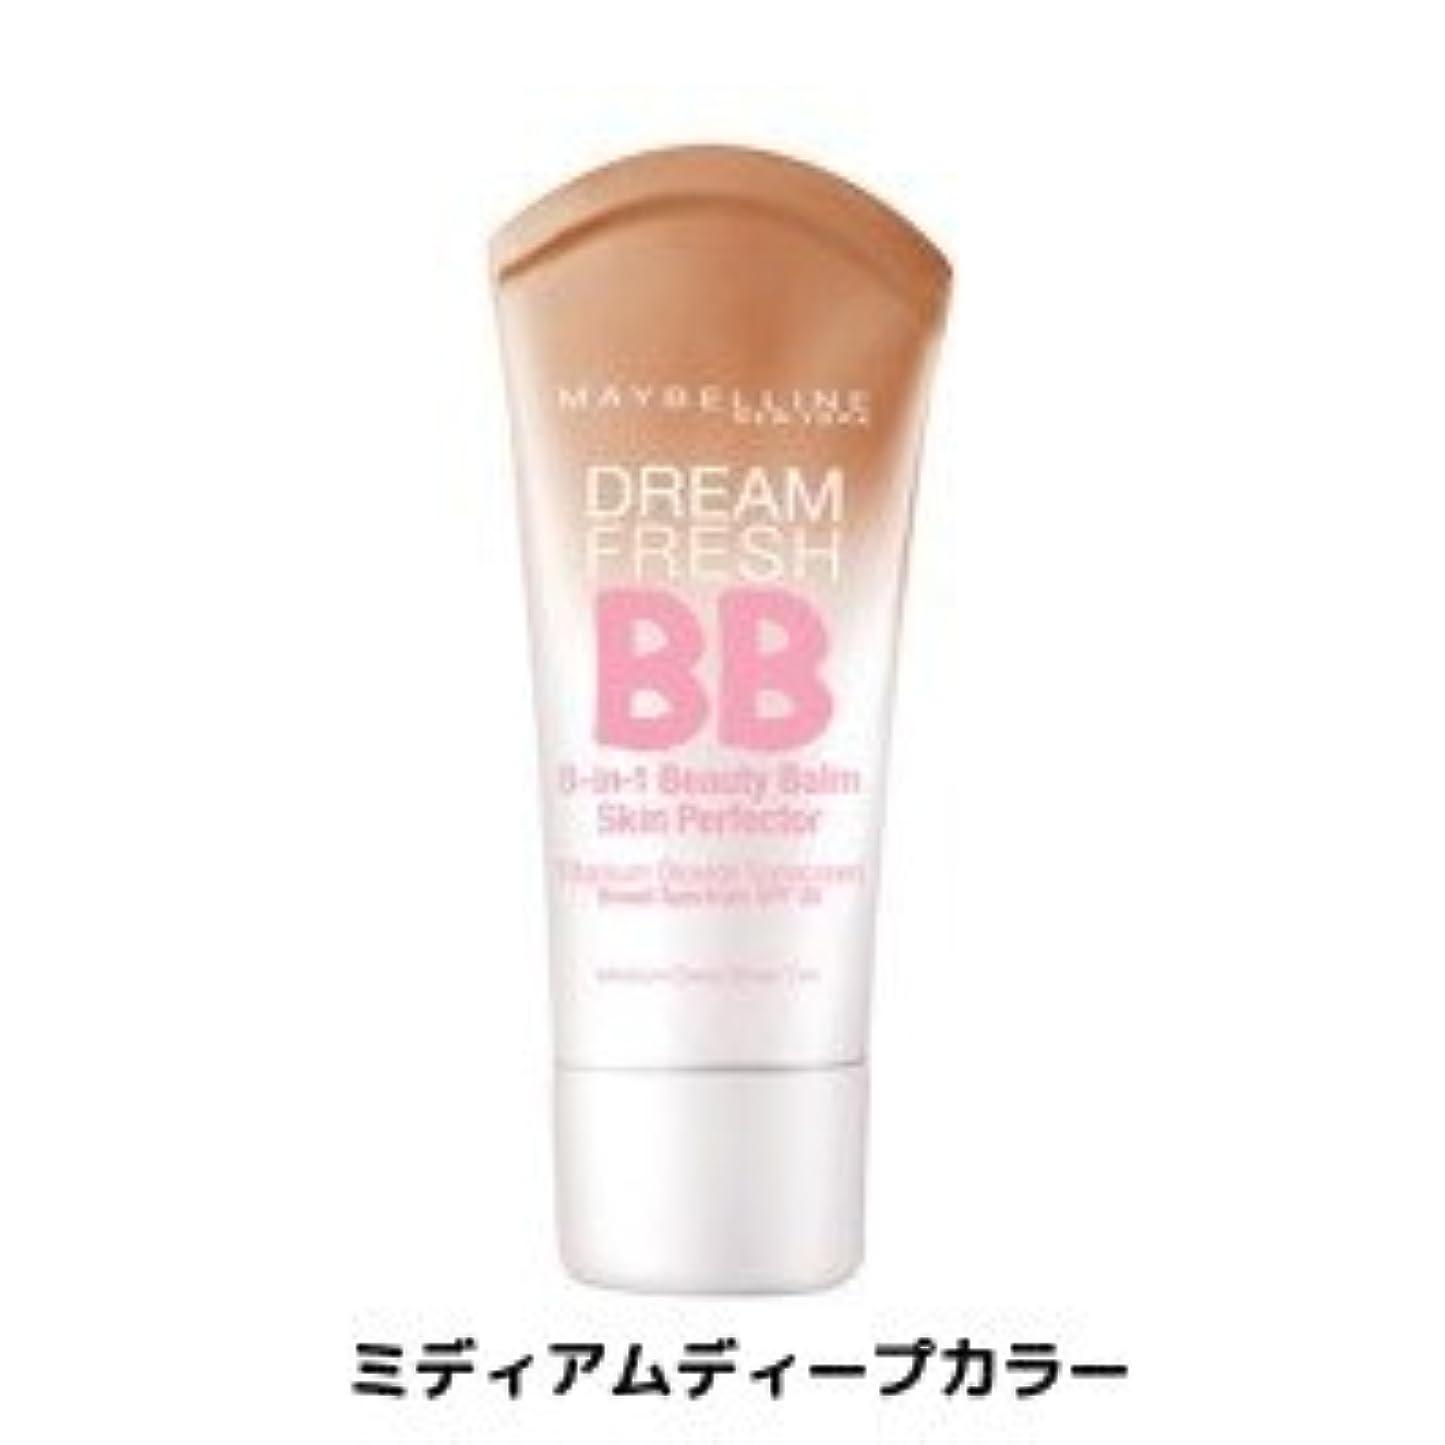 何よりも追う慢性的メイベリン BBクリーム  SPF 30*Maybelline Dream Fresh BB Cream 30ml【平行輸入品】 (ミディアムディープカラー)